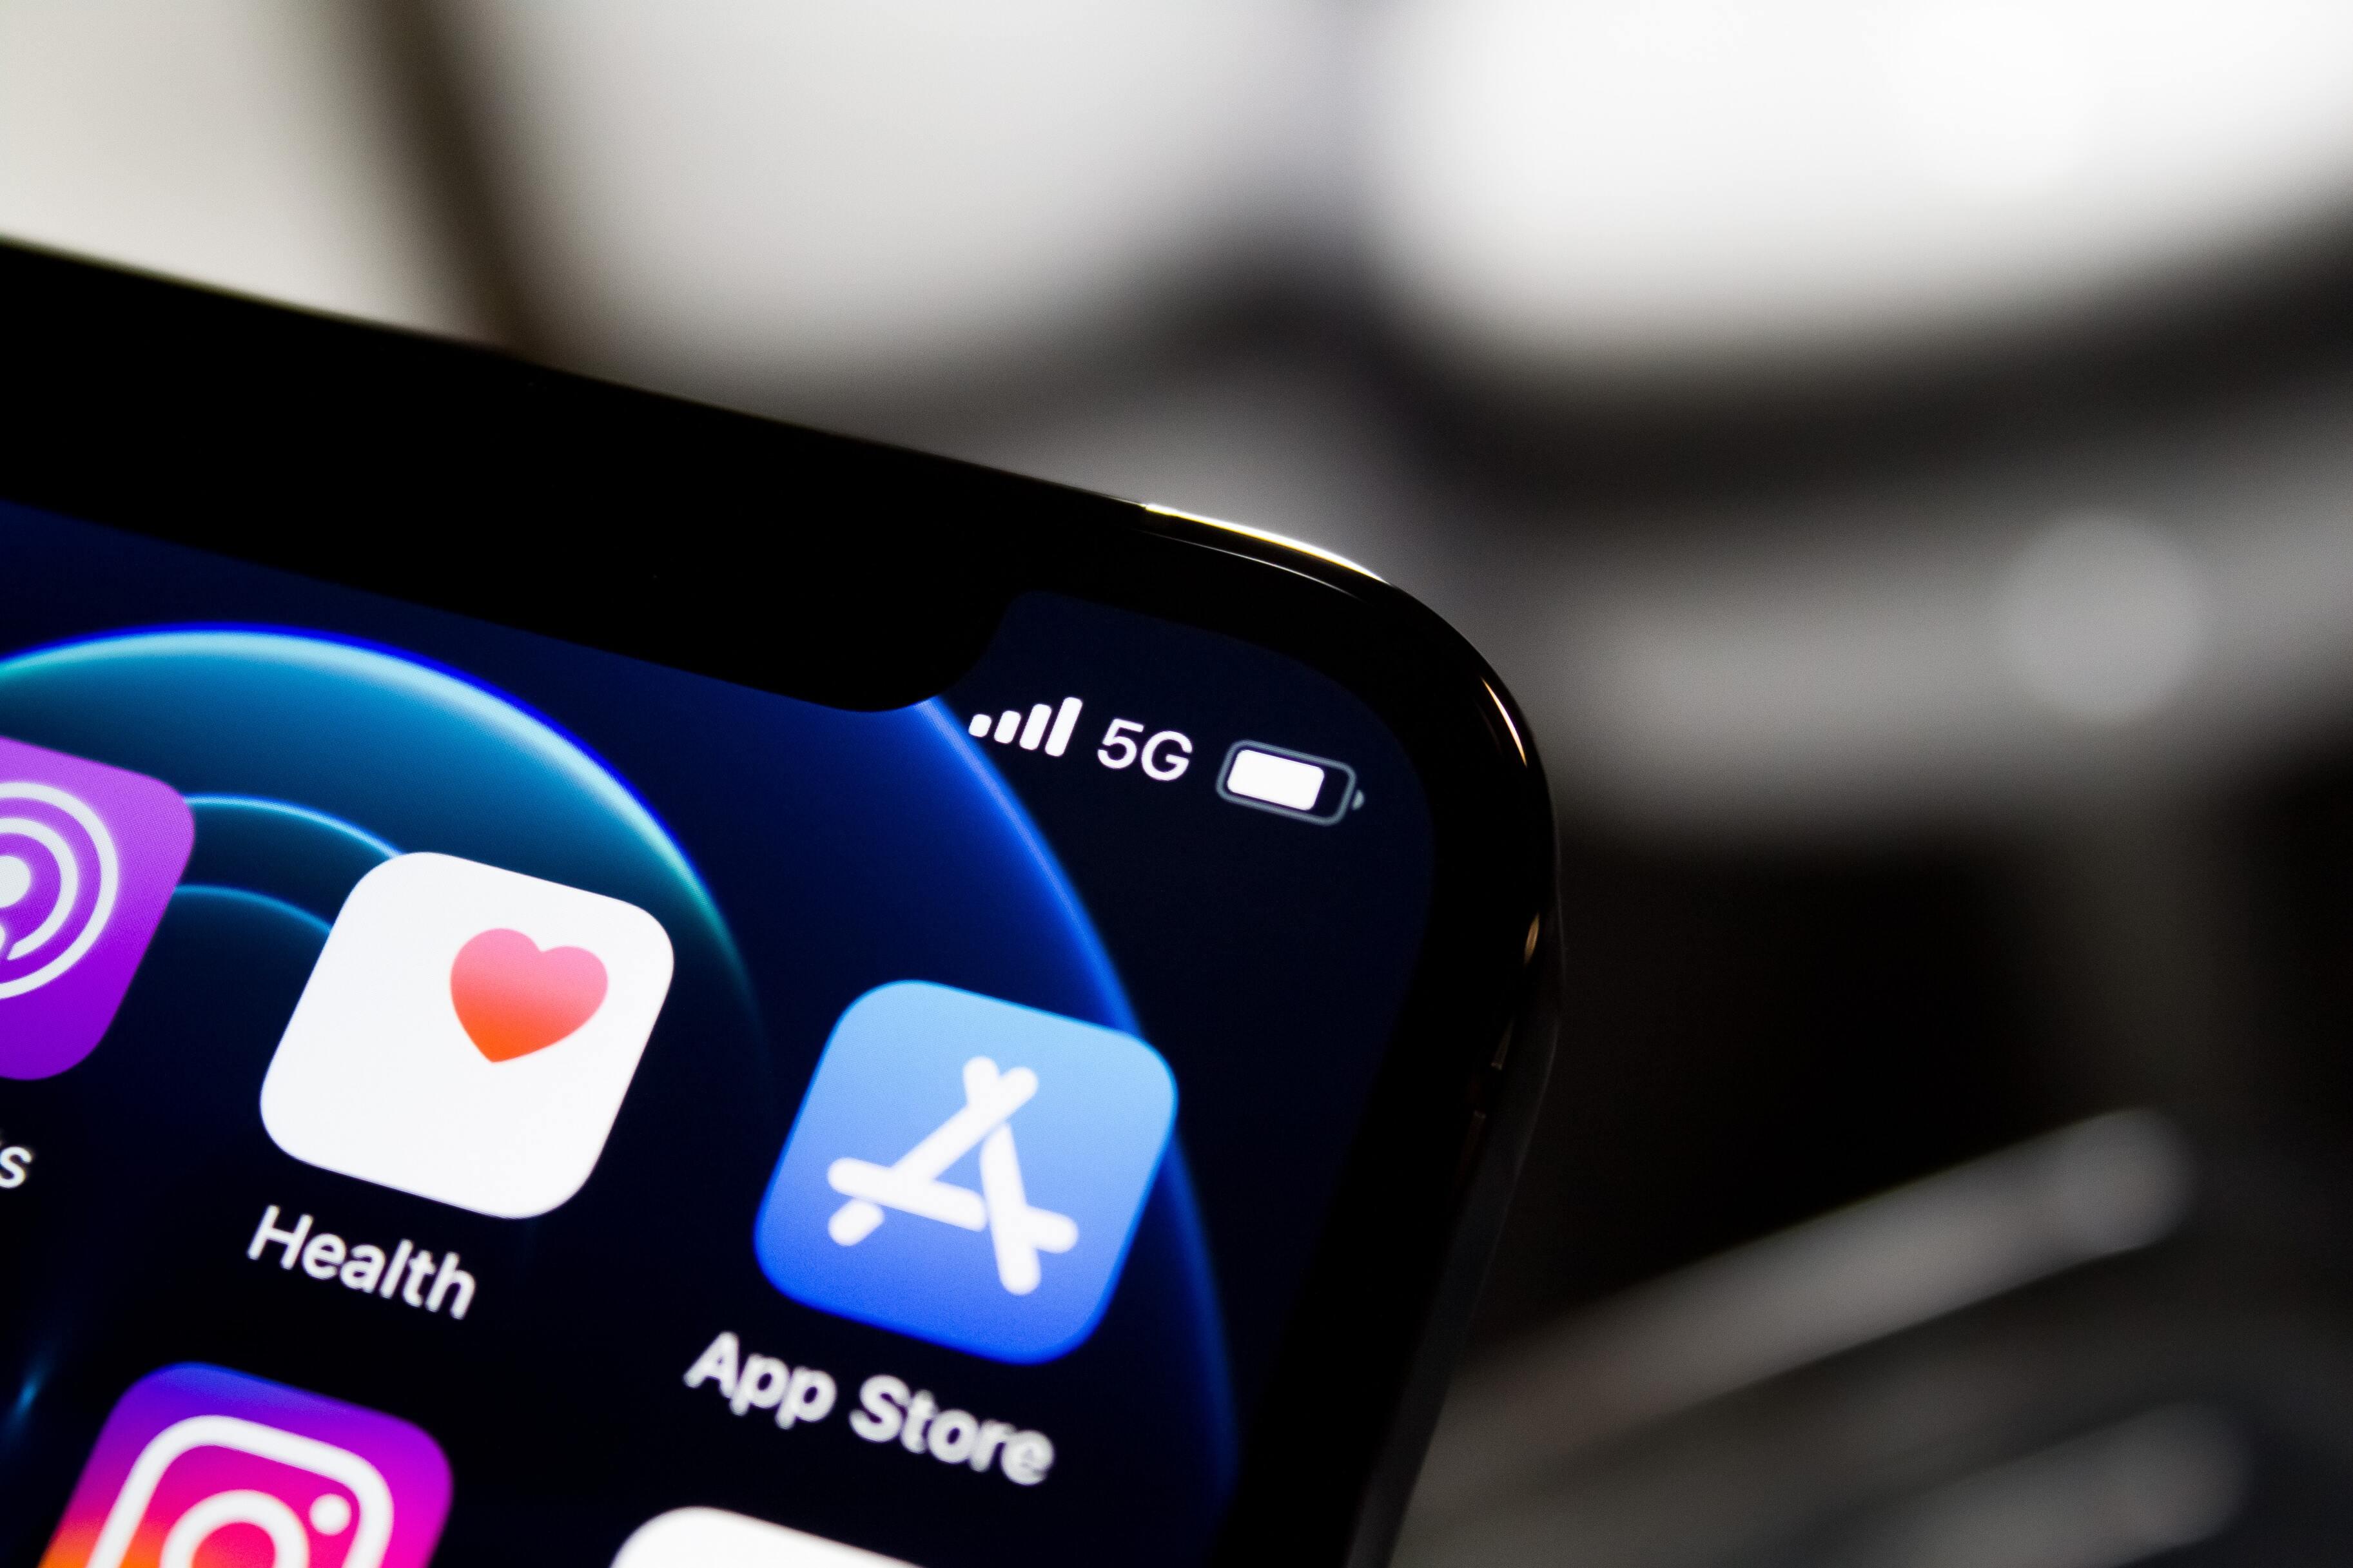 Apple оставила попытки удалить приложение «Амфетамин» из App Store